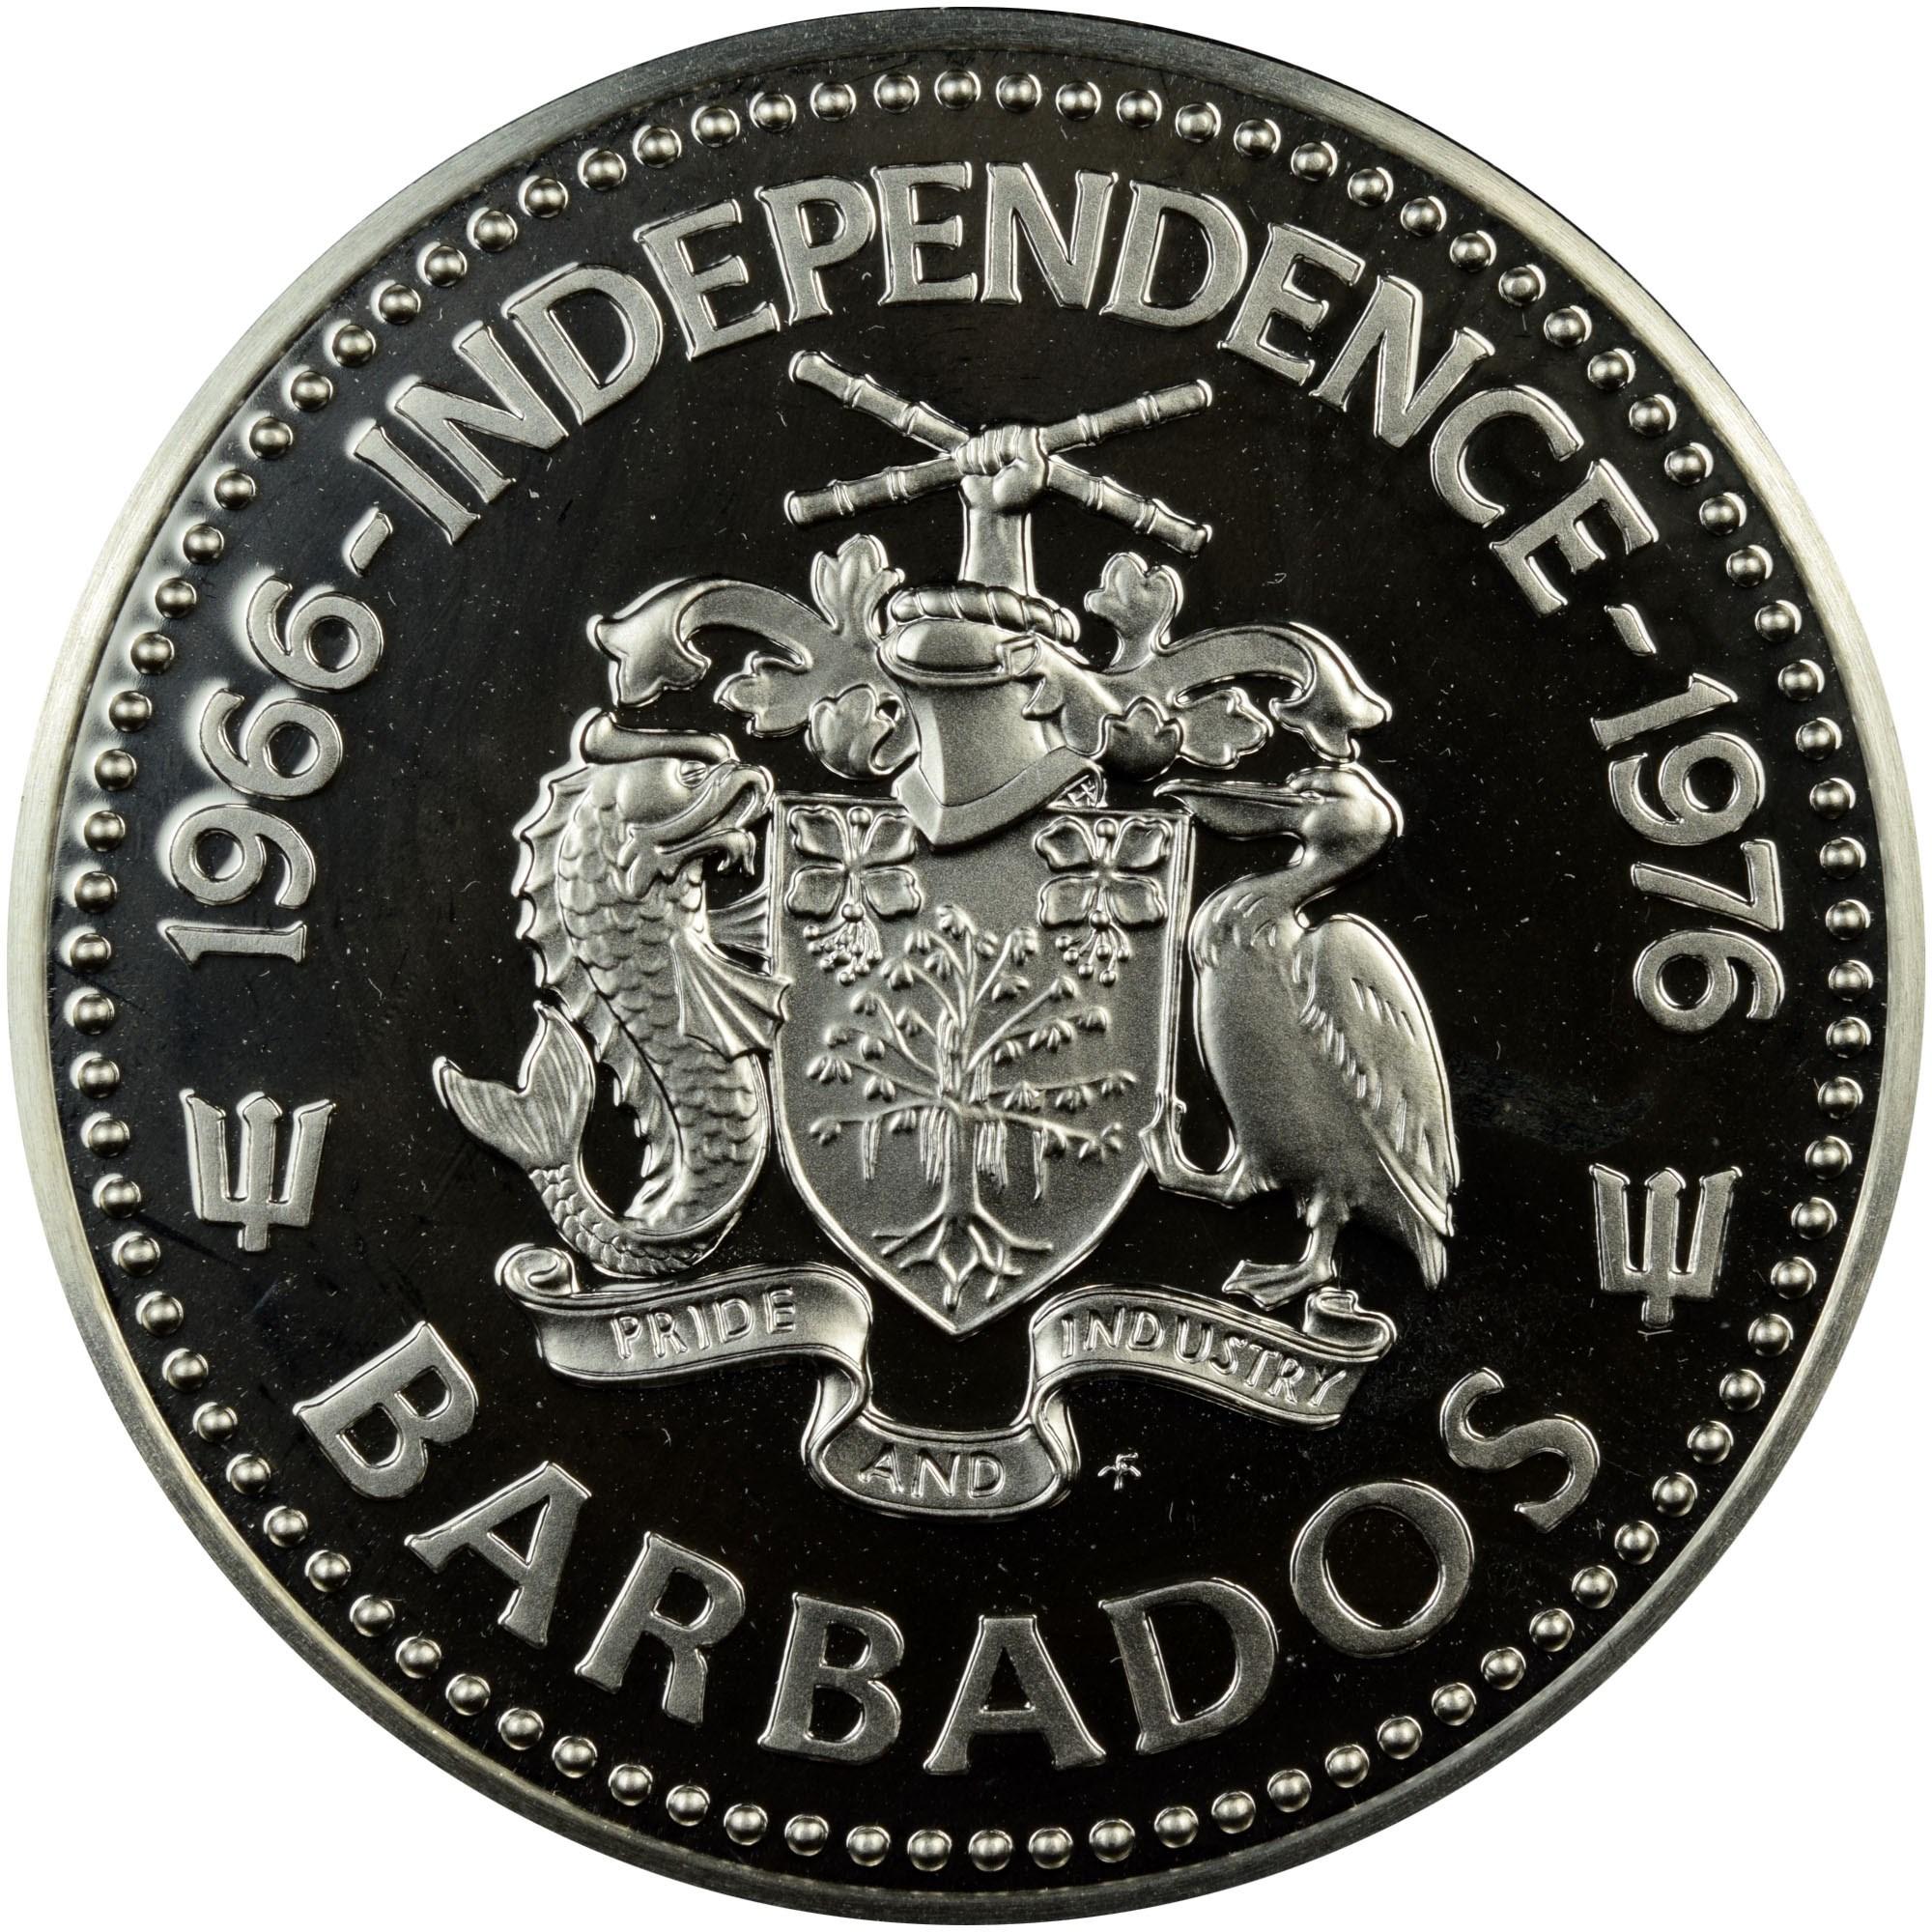 Barbados 10 Dollars obverse